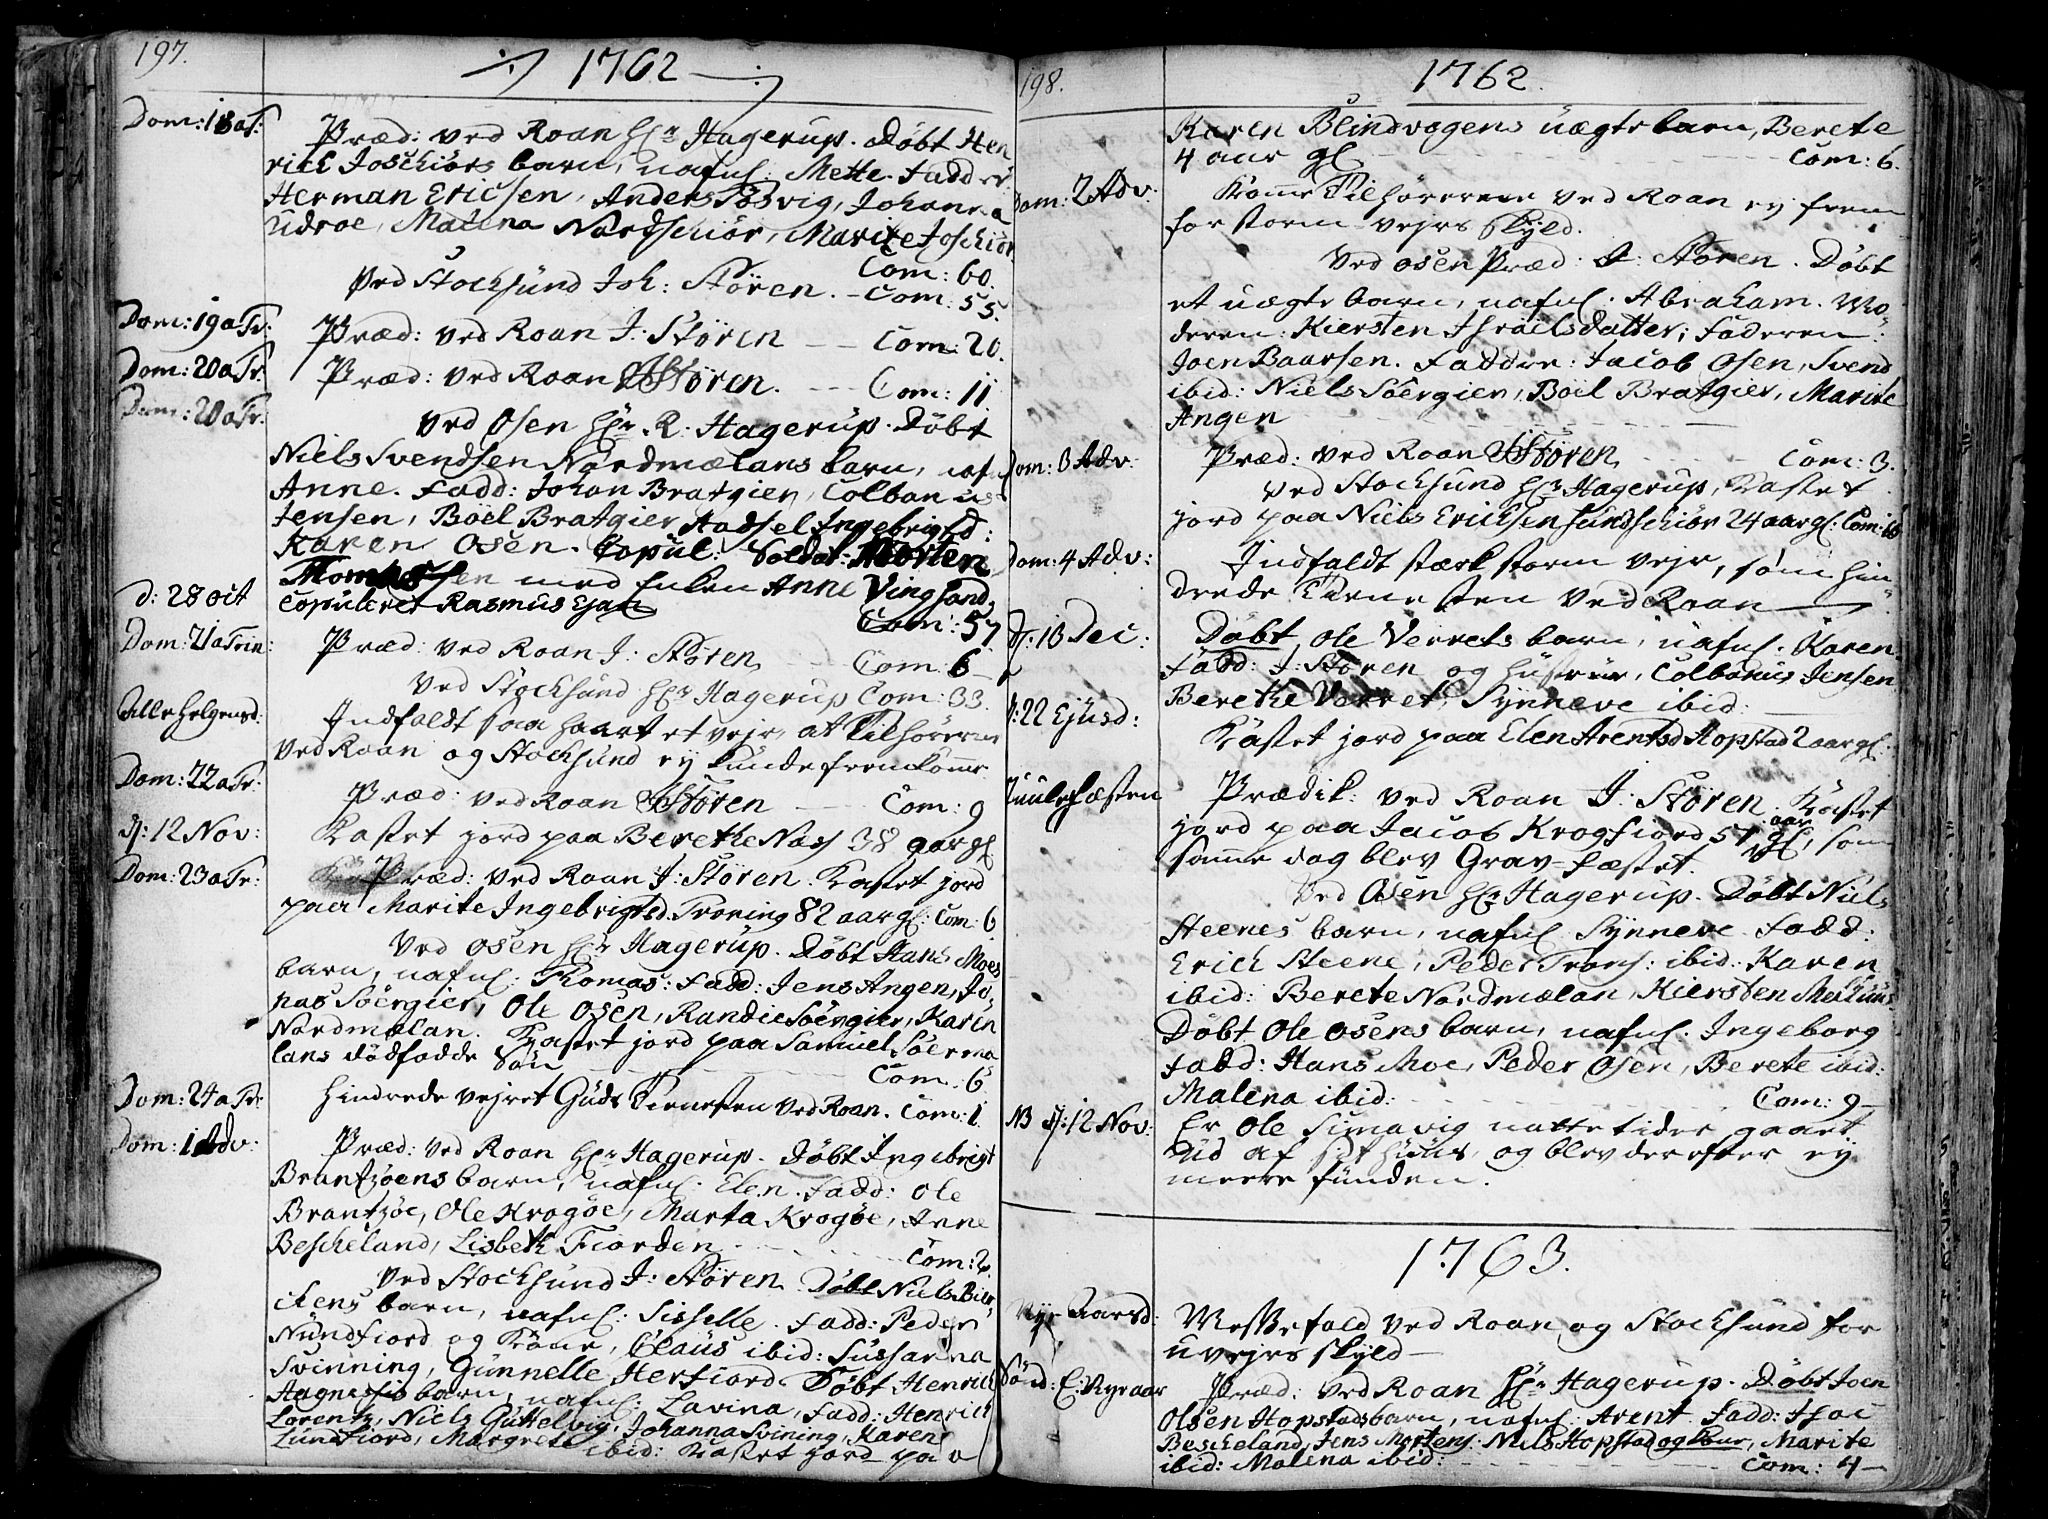 SAT, Ministerialprotokoller, klokkerbøker og fødselsregistre - Sør-Trøndelag, 657/L0700: Ministerialbok nr. 657A01, 1732-1801, s. 197-198